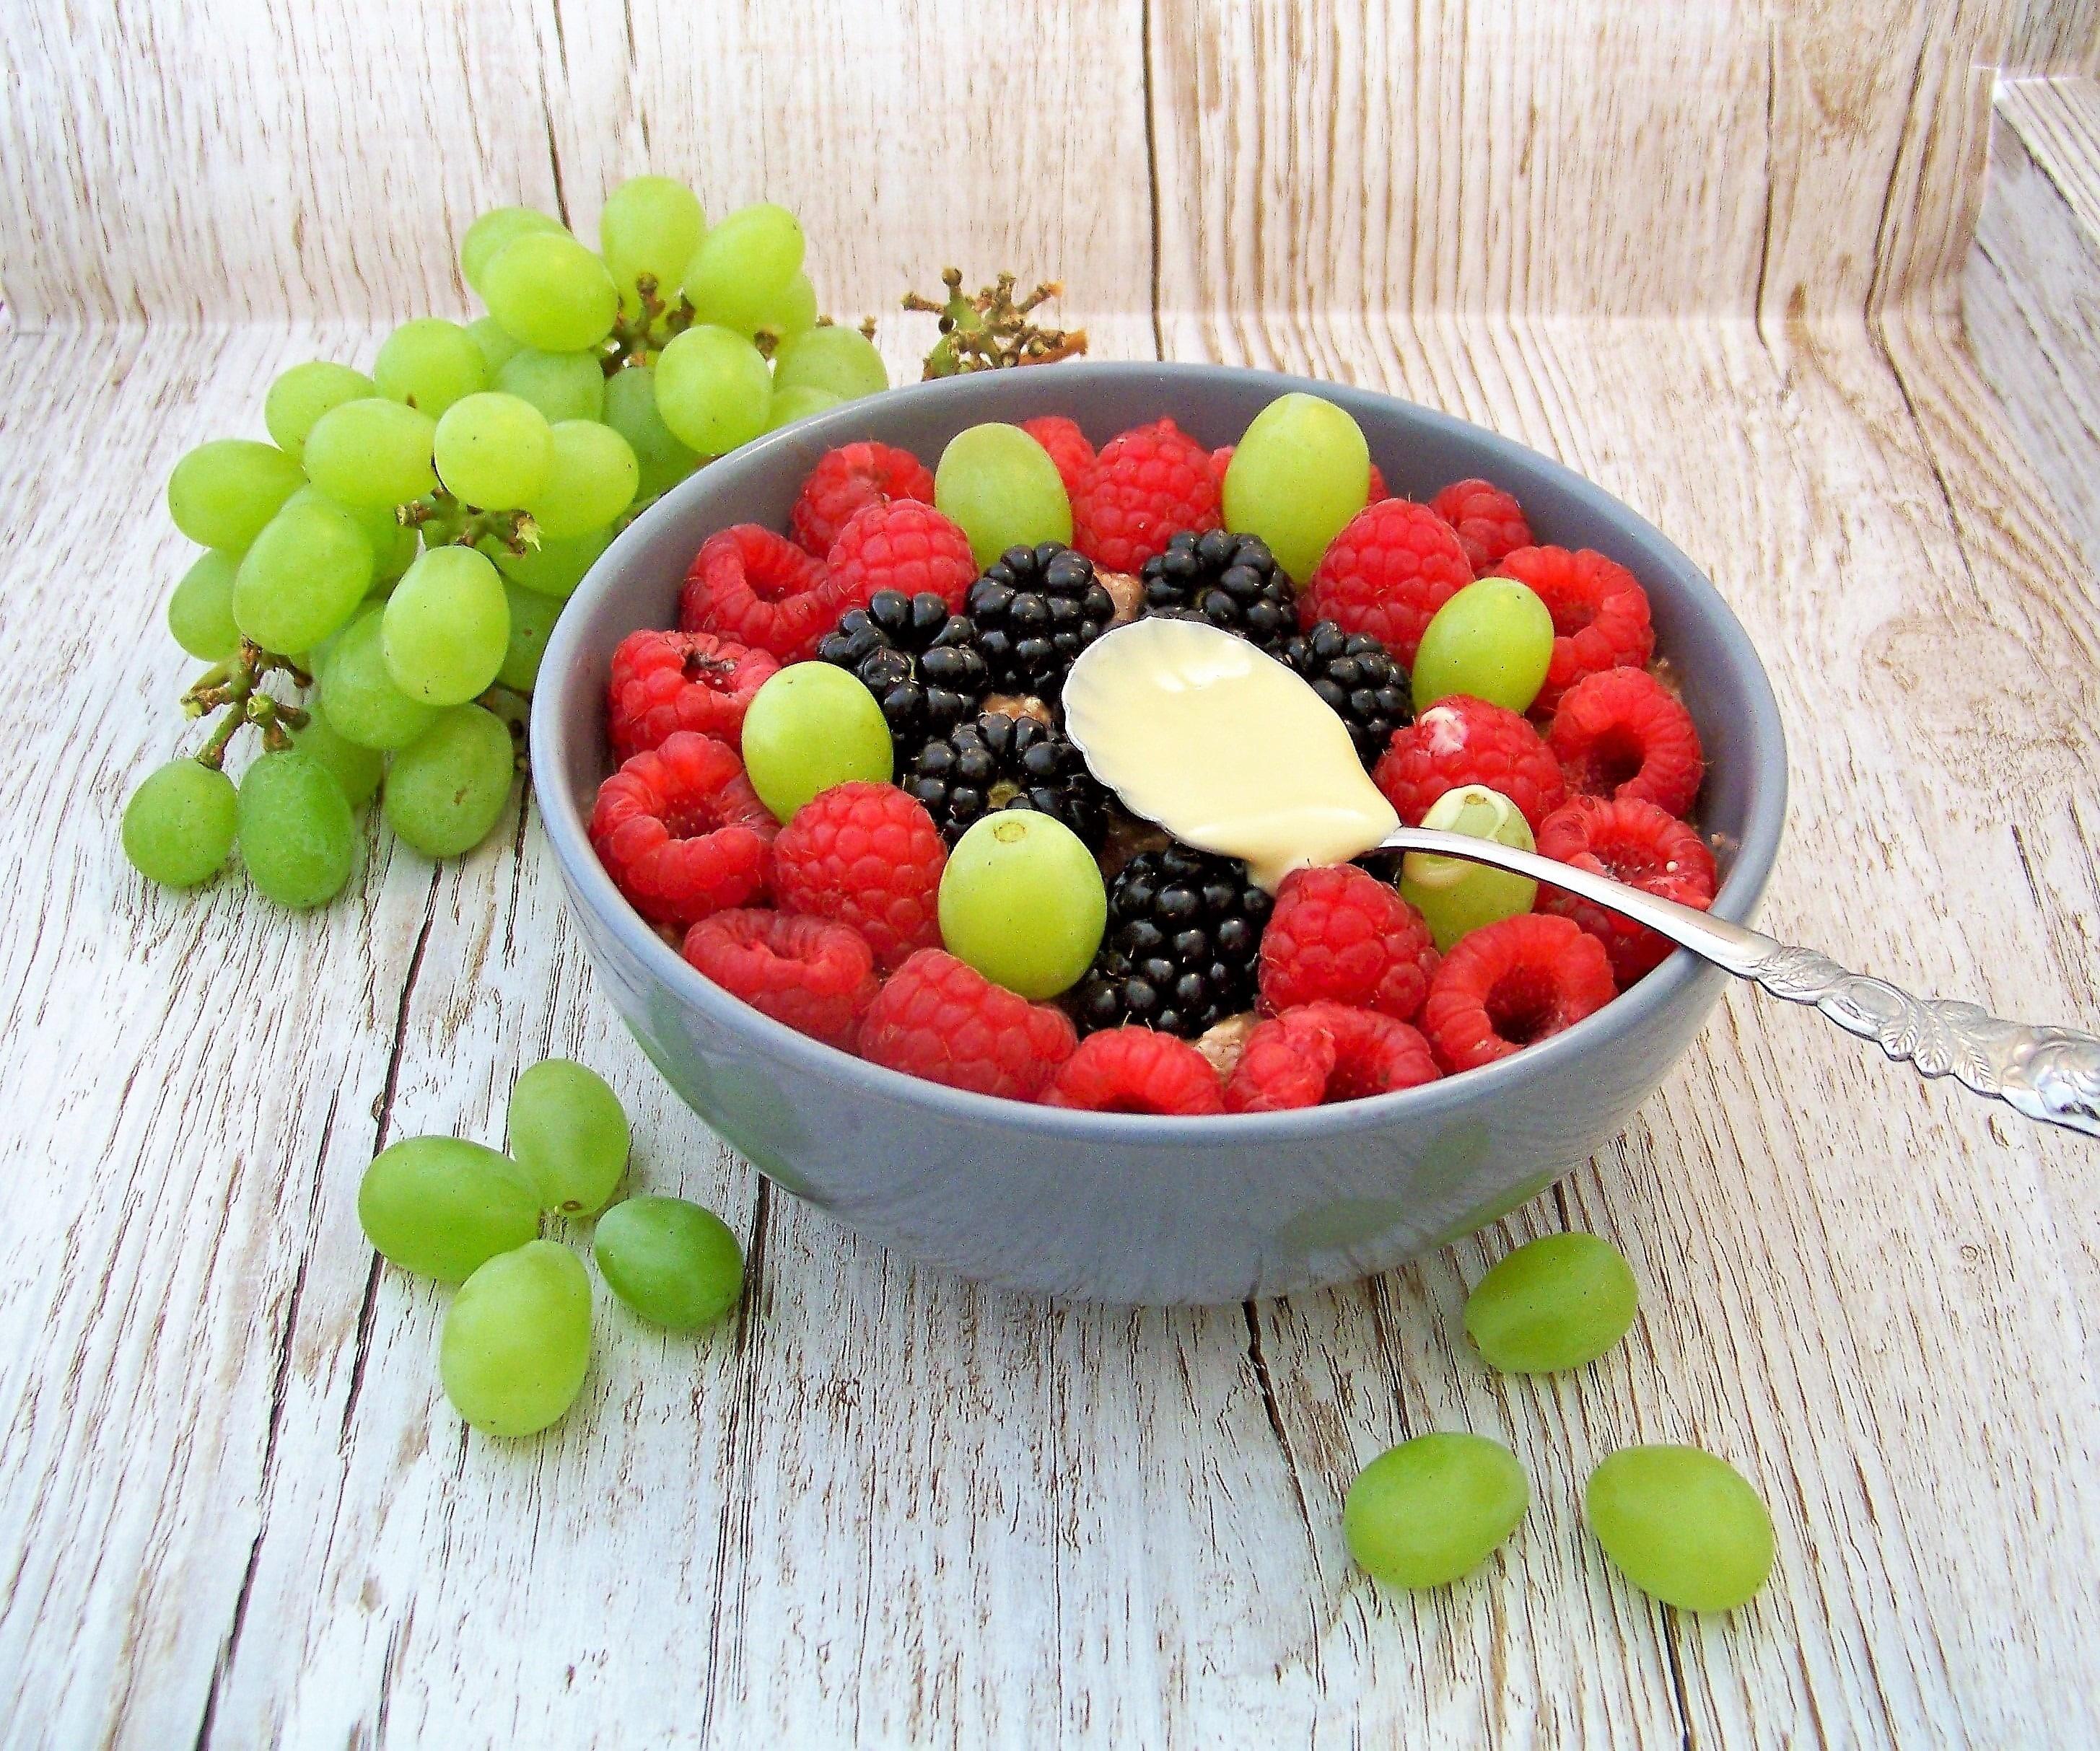 Overnight-Oats mit Beeren, Weintrauben und Mandelmus in einer grauen Schüssel